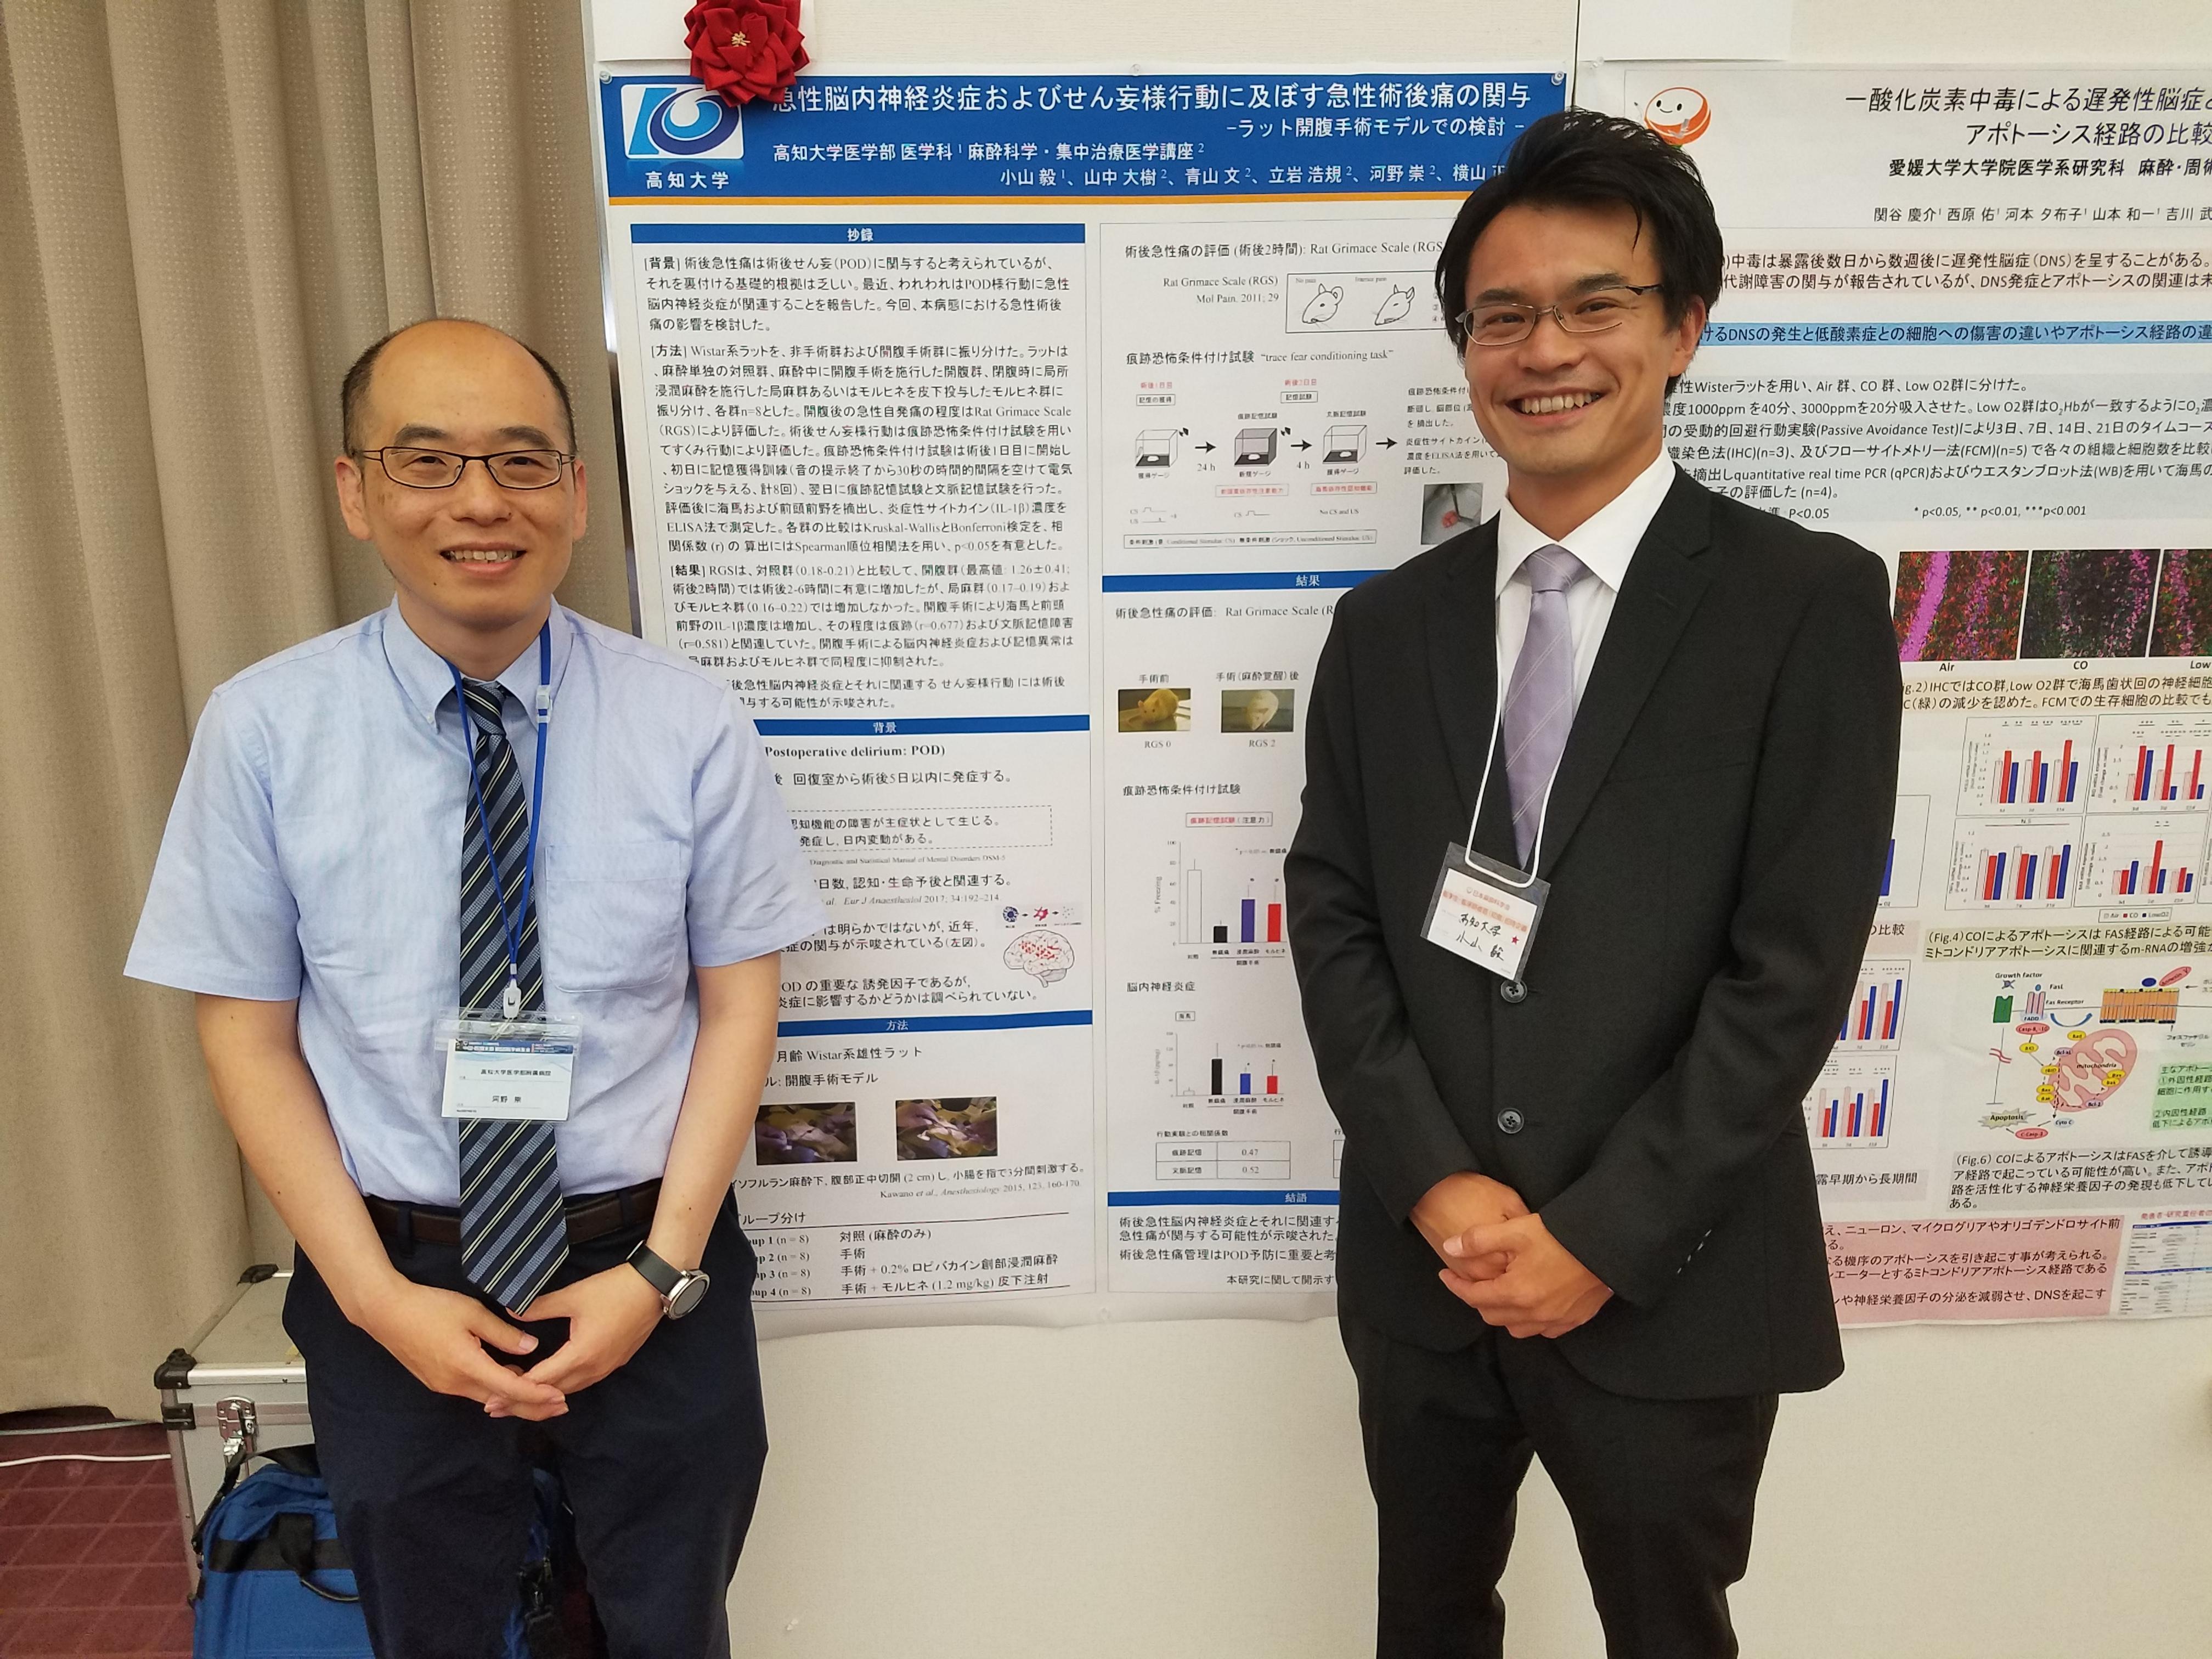 会 日本 麻酔 科学 Home|日本麻酔科医会連合